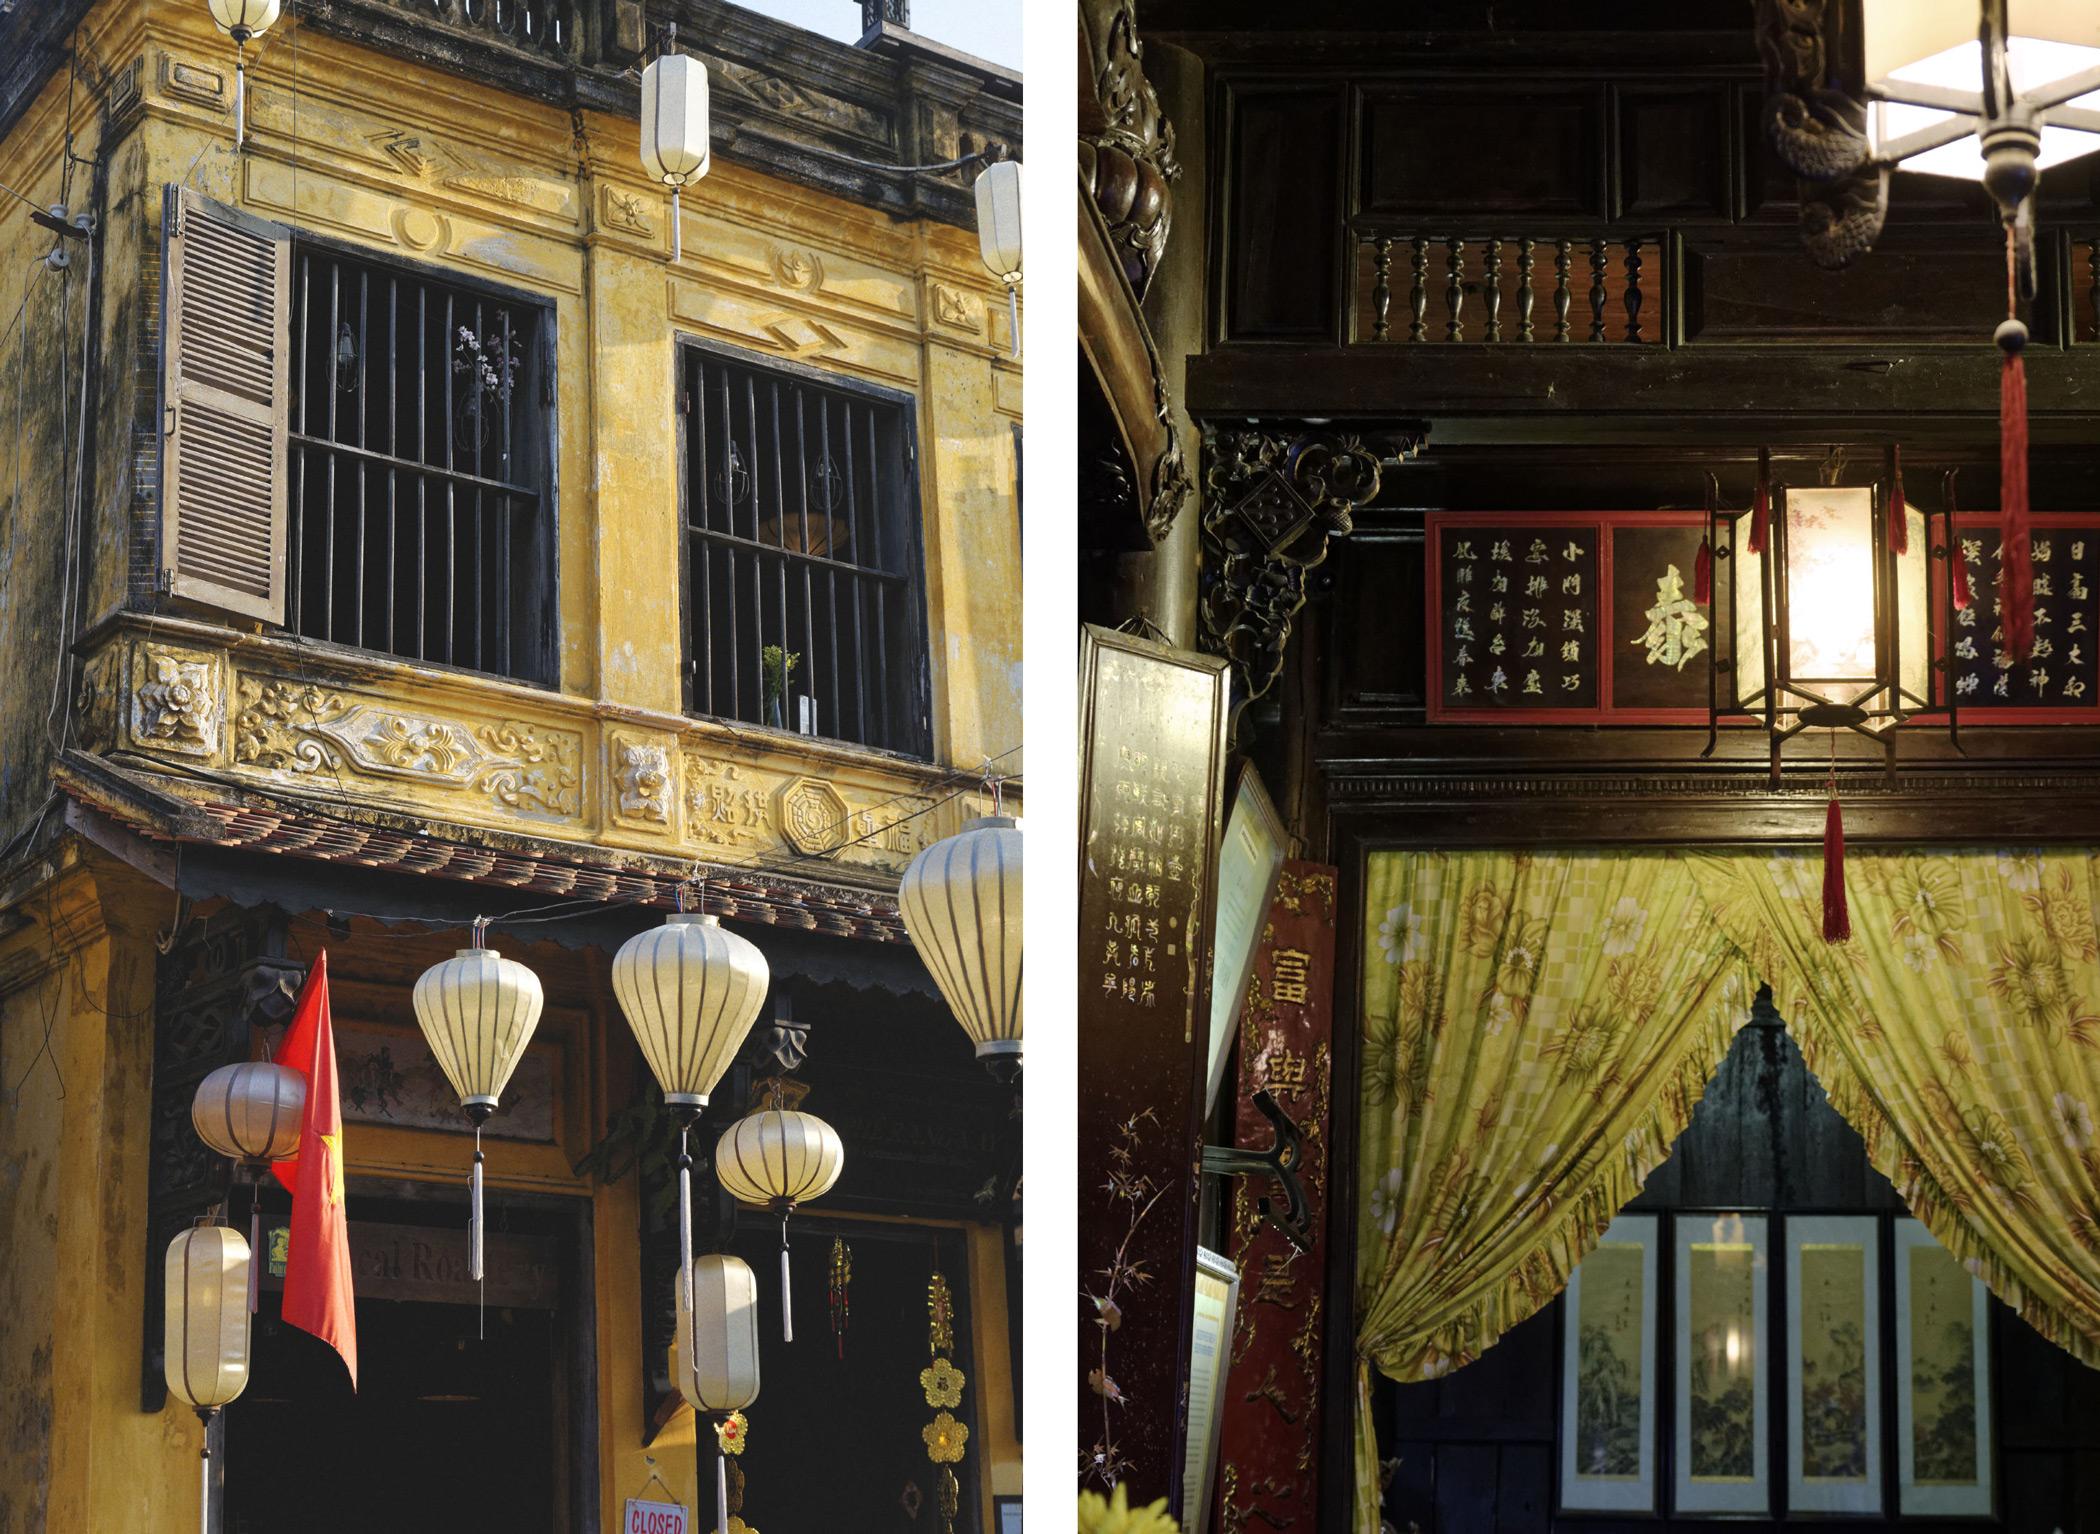 Lampion et maison traditionnelle Hoi An